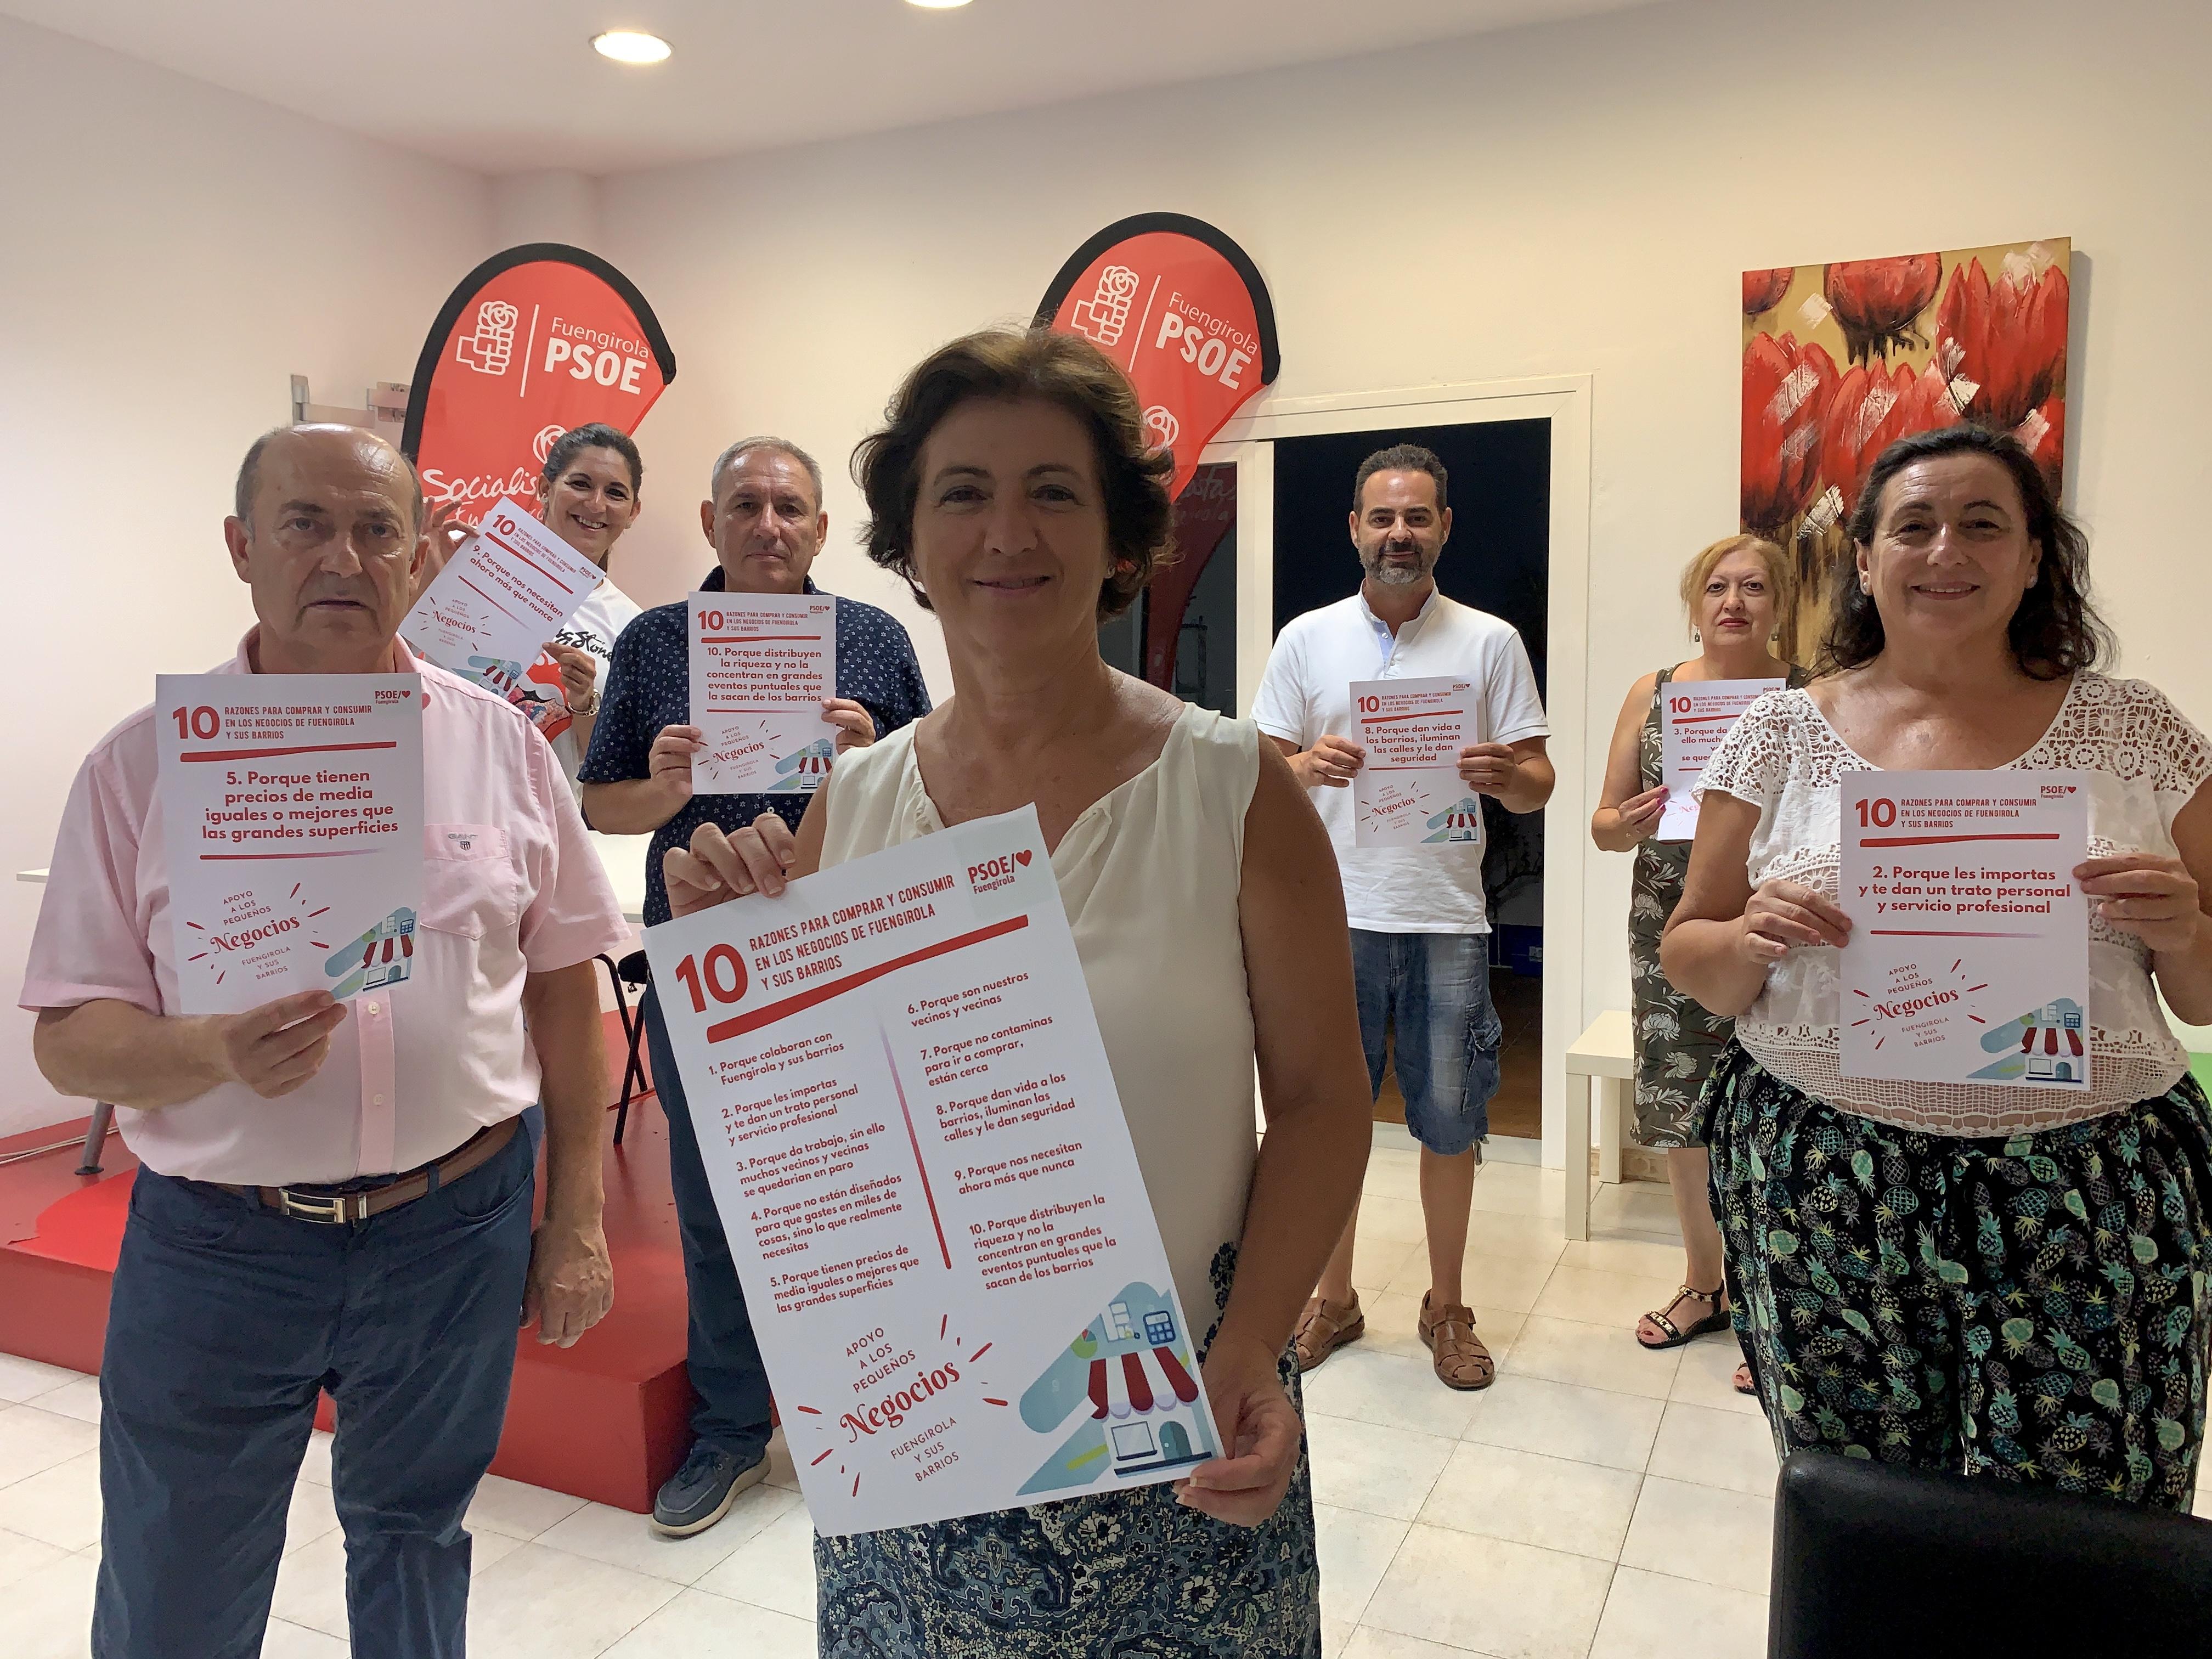 Carmen Segura junto a miembros de la CEM con las propuestas en apoyo al pequeño comercio